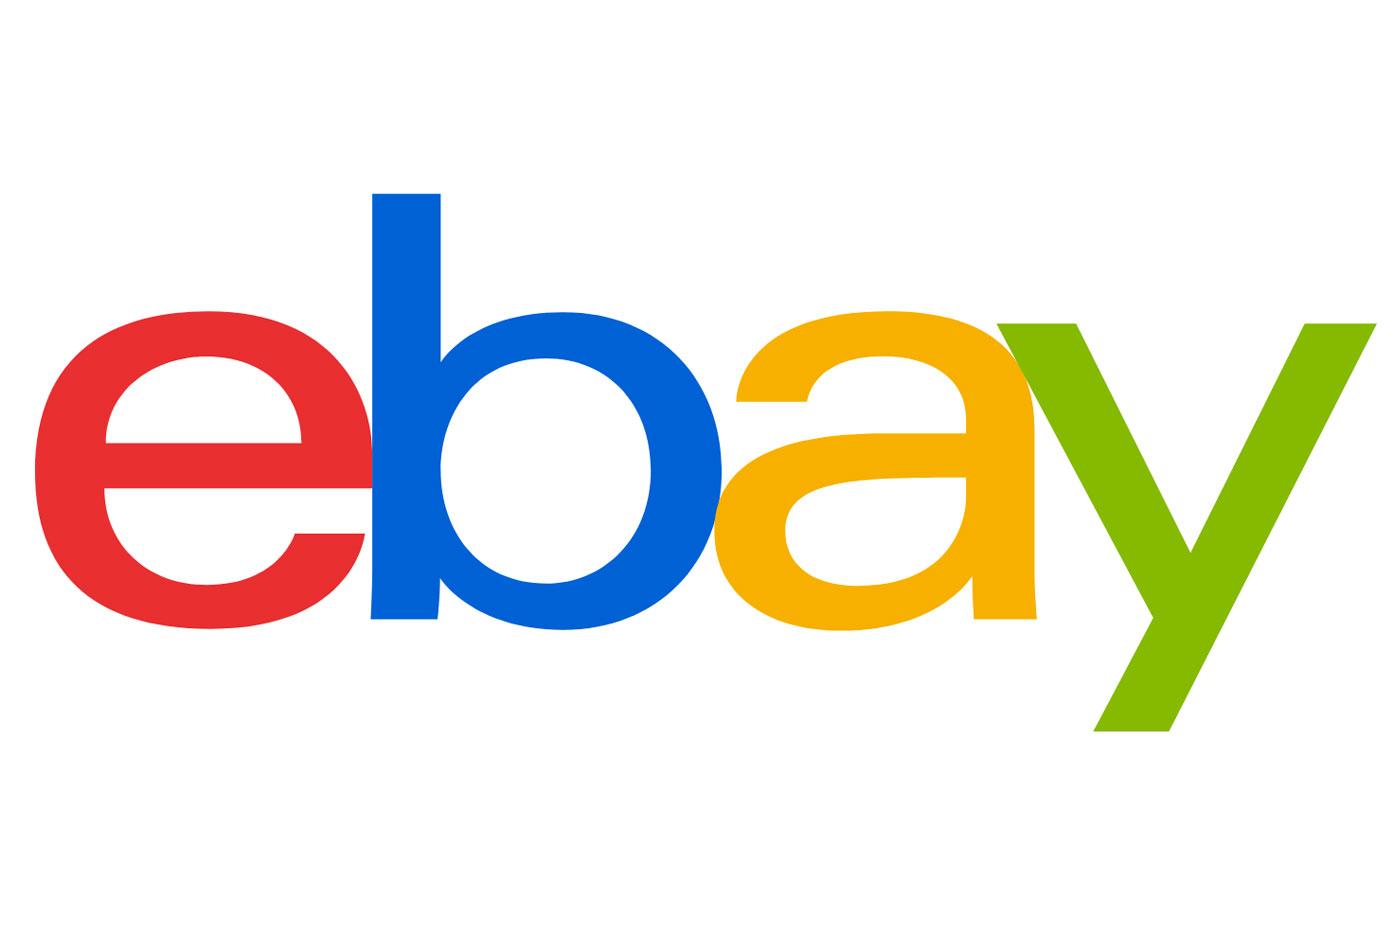 [eBay.co.uk] 10% de réduction sur tout le site dès 56€ (50£) d'achats (Max de 112.25€)